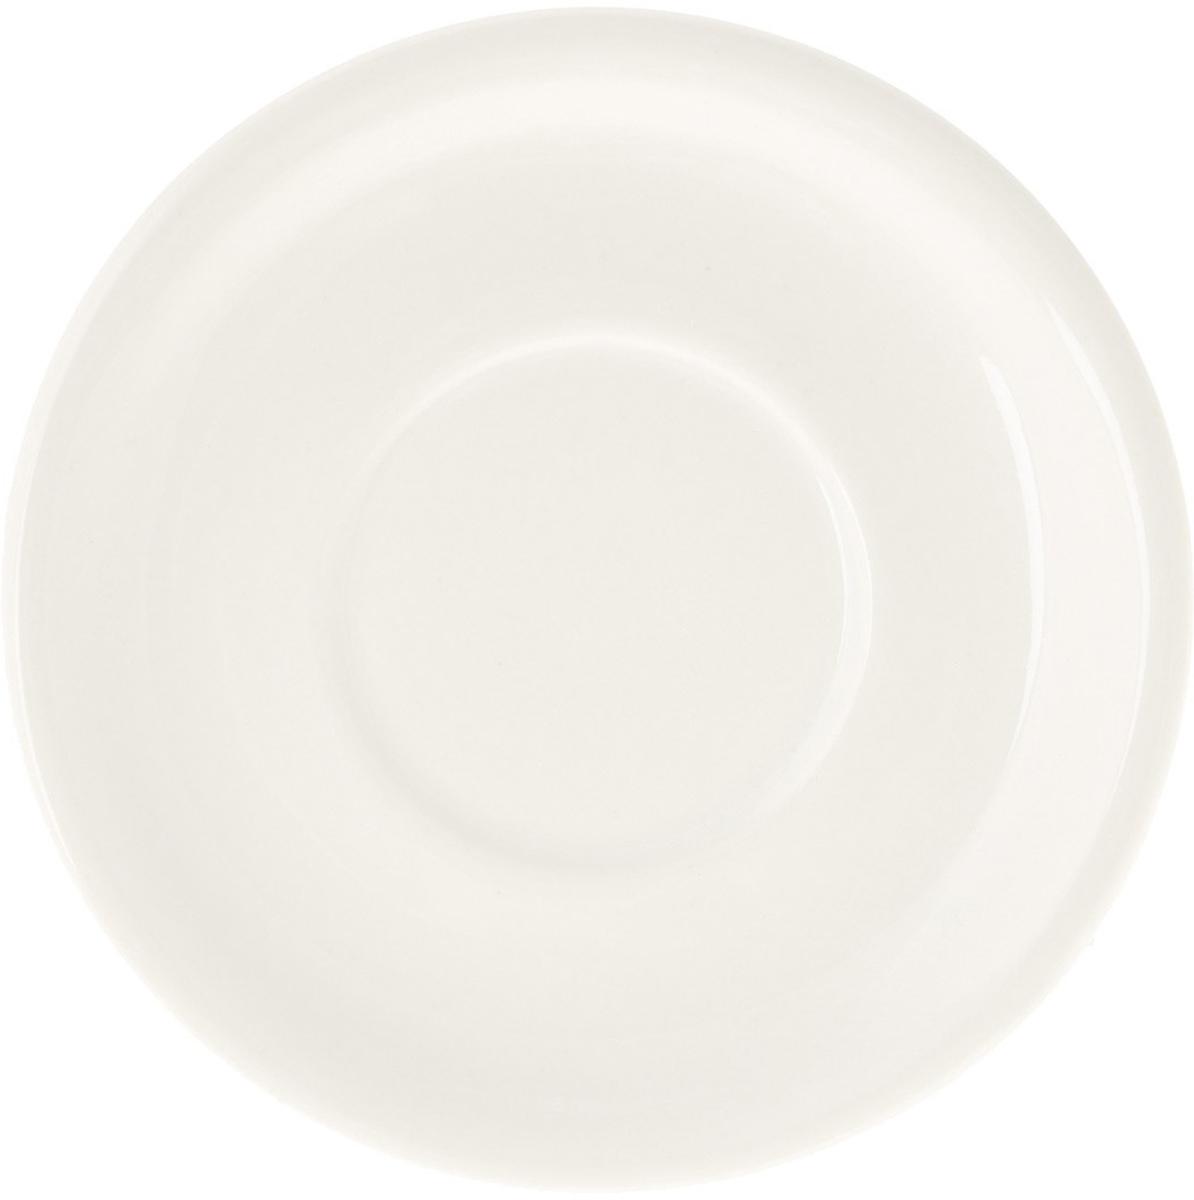 Блюдце кофейное Eschenbach, цвет: белый, диаметр 12 см. 4960/0024960/002Накопленный десятилетиями опыт и следование традициям известнейших мастеров в сочетании с новейшими технологиями производства делают фарфоровую посуду Eschenbach настоящим символом утонченного качества, произведением искусства, признаком хорошего вкуса.Представители компании своей основной задачей считают помощь владельцам ресторанного и гостиничного бизнеса создавать по-настоящему красивые, уютные и элитные заведения. Огромный ассортимент позволит даже самым взыскательным покупателям подобрать что-то свое. Салатницы, соусники, отдельные блюда и множество других изделий отличаются тщательно продуманным дизайном, в котором традиции прошлого искусно сочетаются с требованиями современности. Посуда соответствует самым высоким функциональным стандартам. Она используется в микроволновых печах, прекрасно моется в посудомоечных машинах, имеет множество европейских сертификатов и является настоящим символом традиционного немецкого качества.